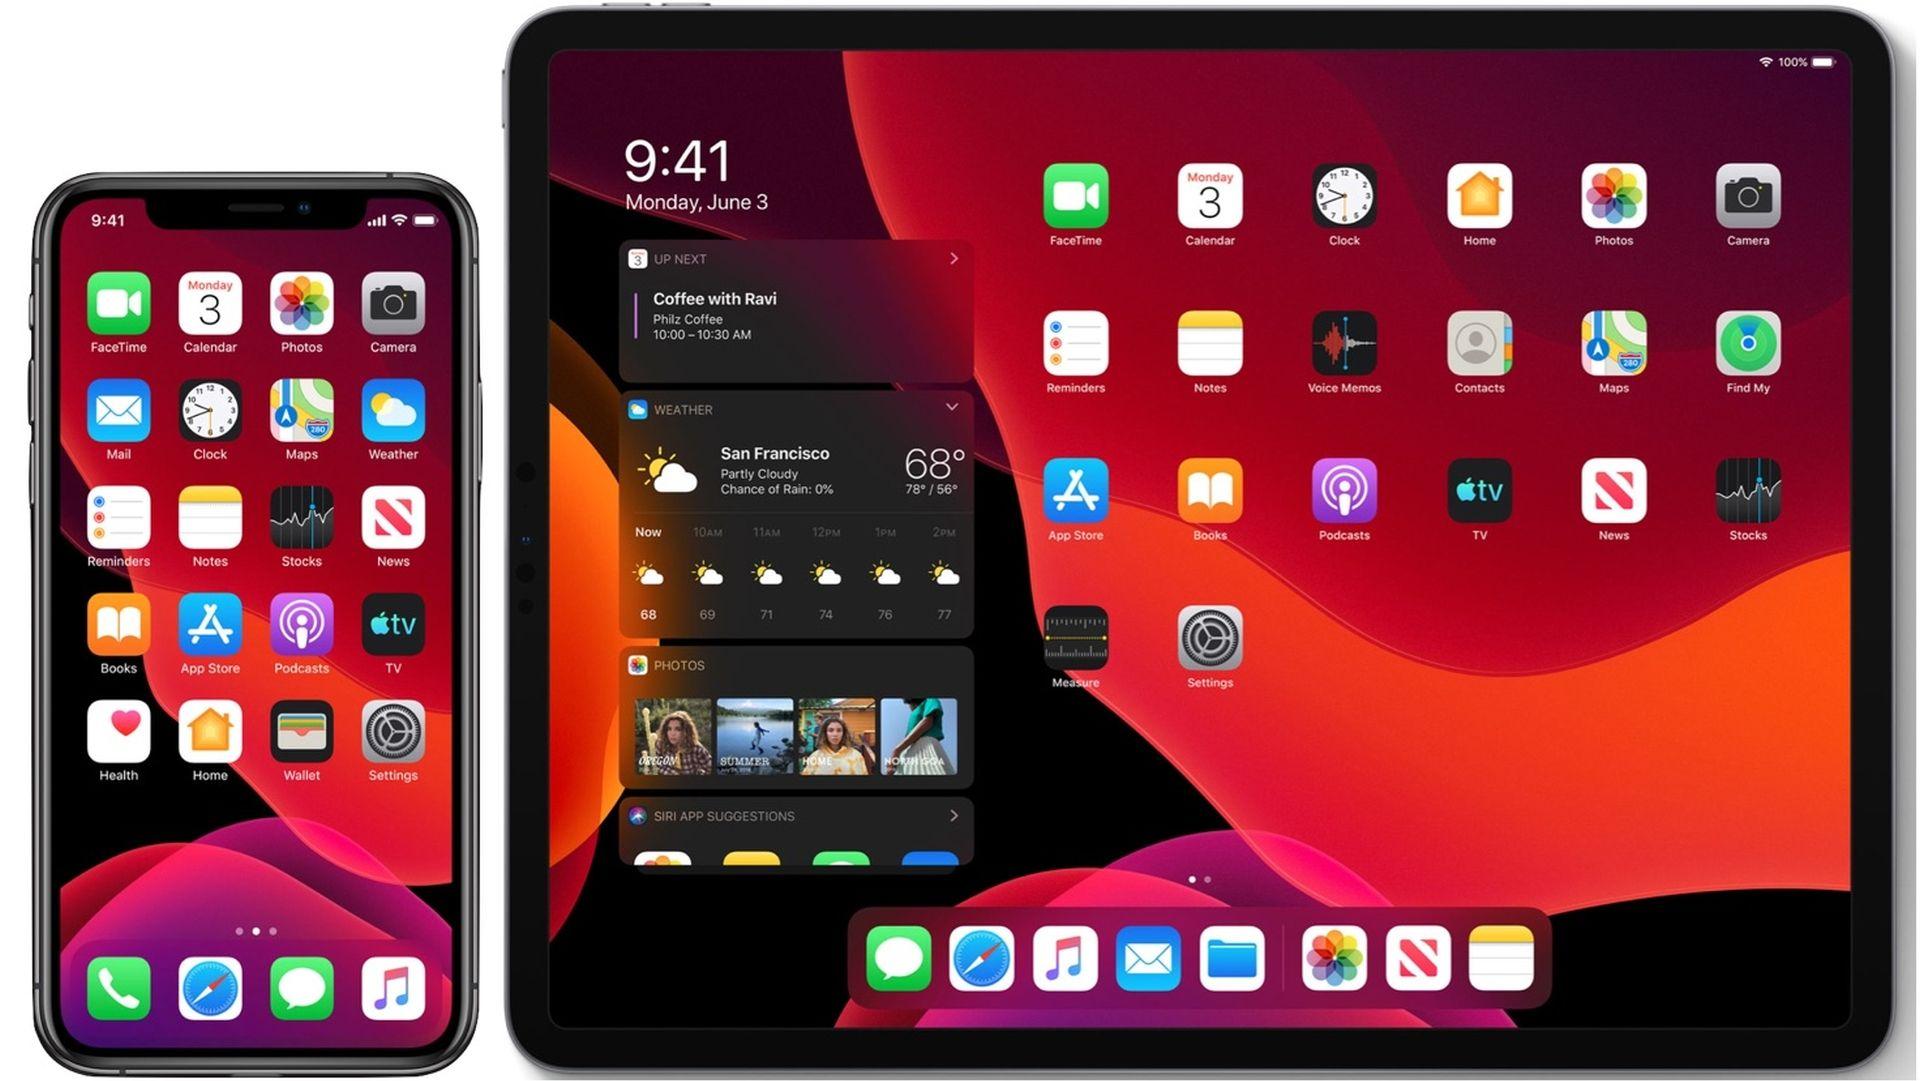 Firma Apple wydała aktualizację systemów iOS 13.1.2 i iPadOS 13.1.2